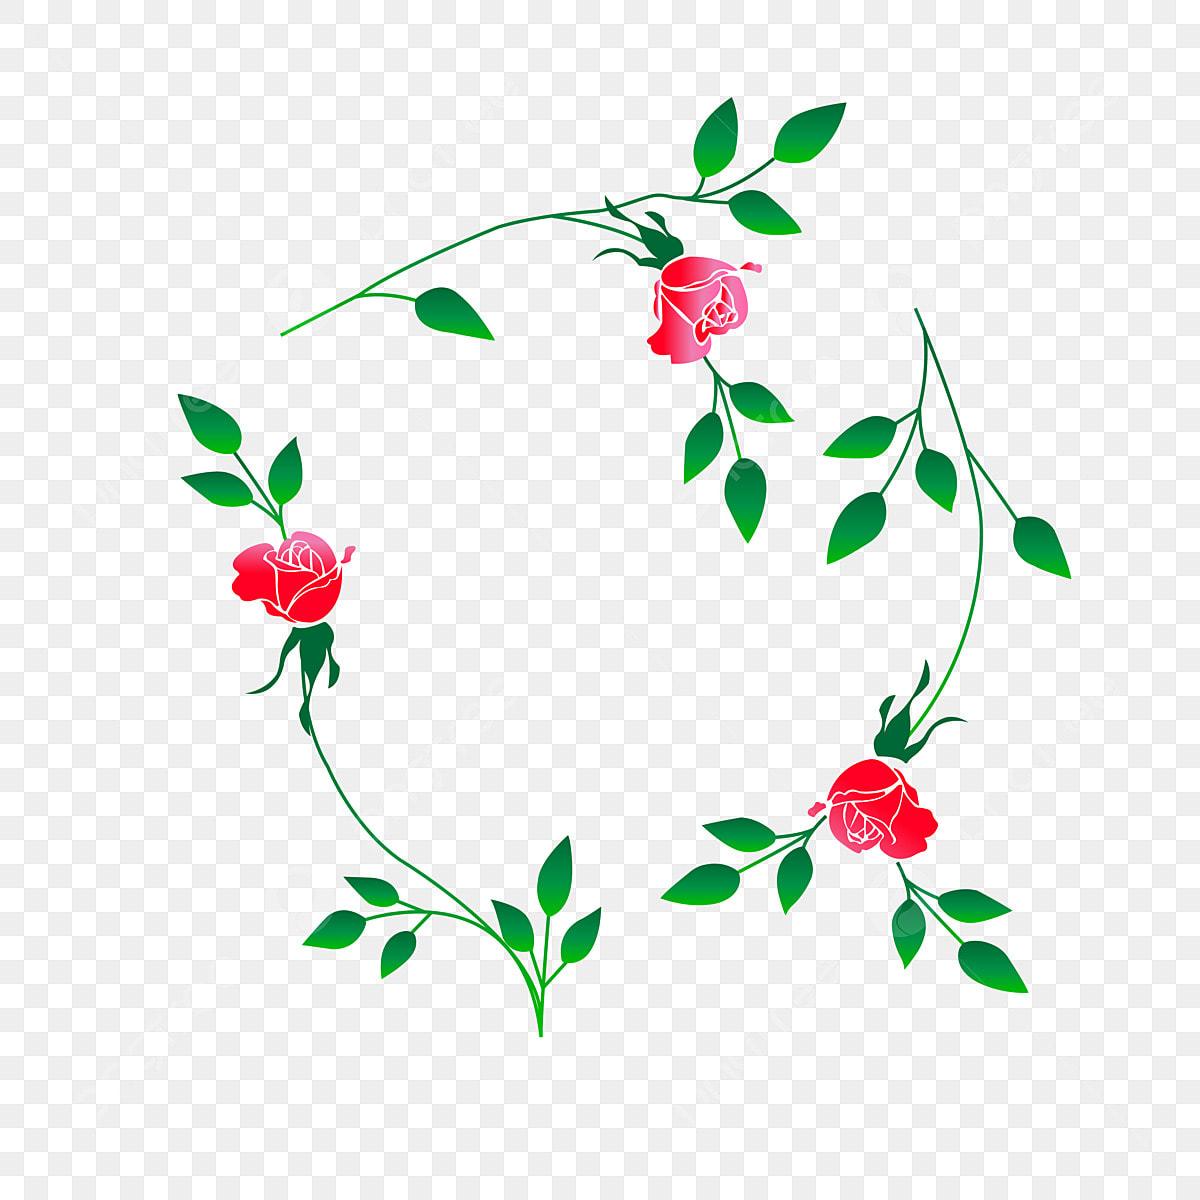 Plant Flower Rose Flower Frame Lace Shading Border Flower Border